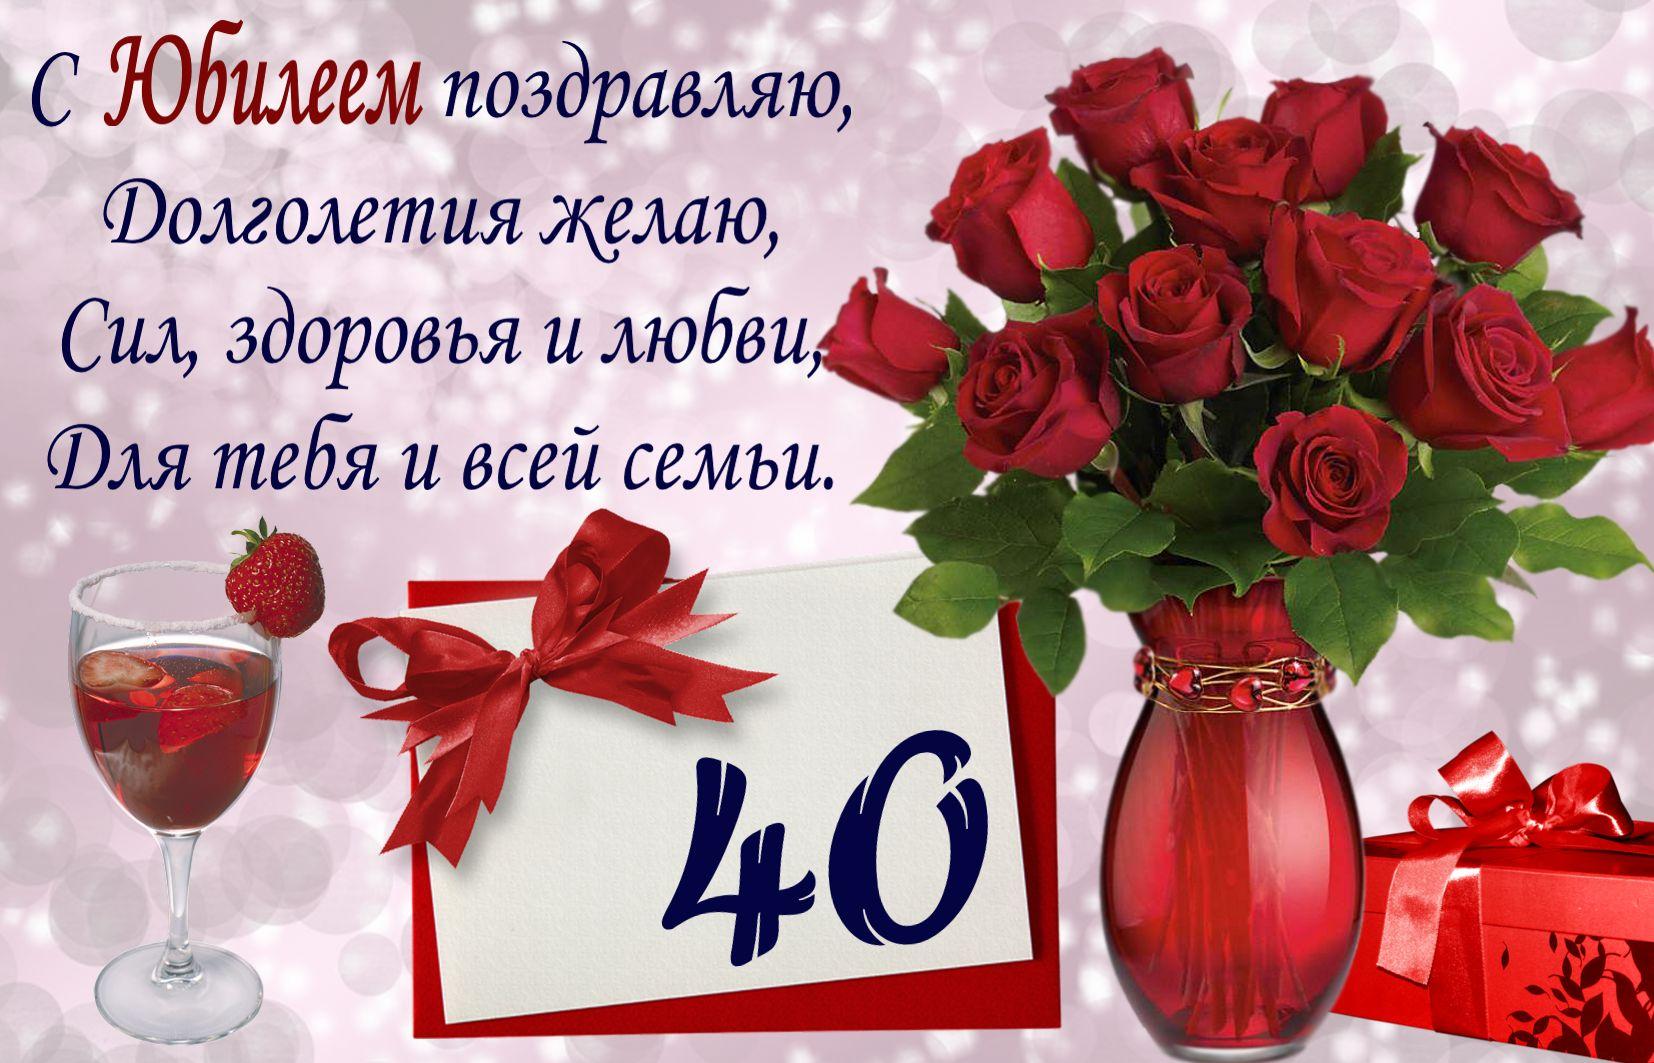 Поздравление на 55 лет родителям